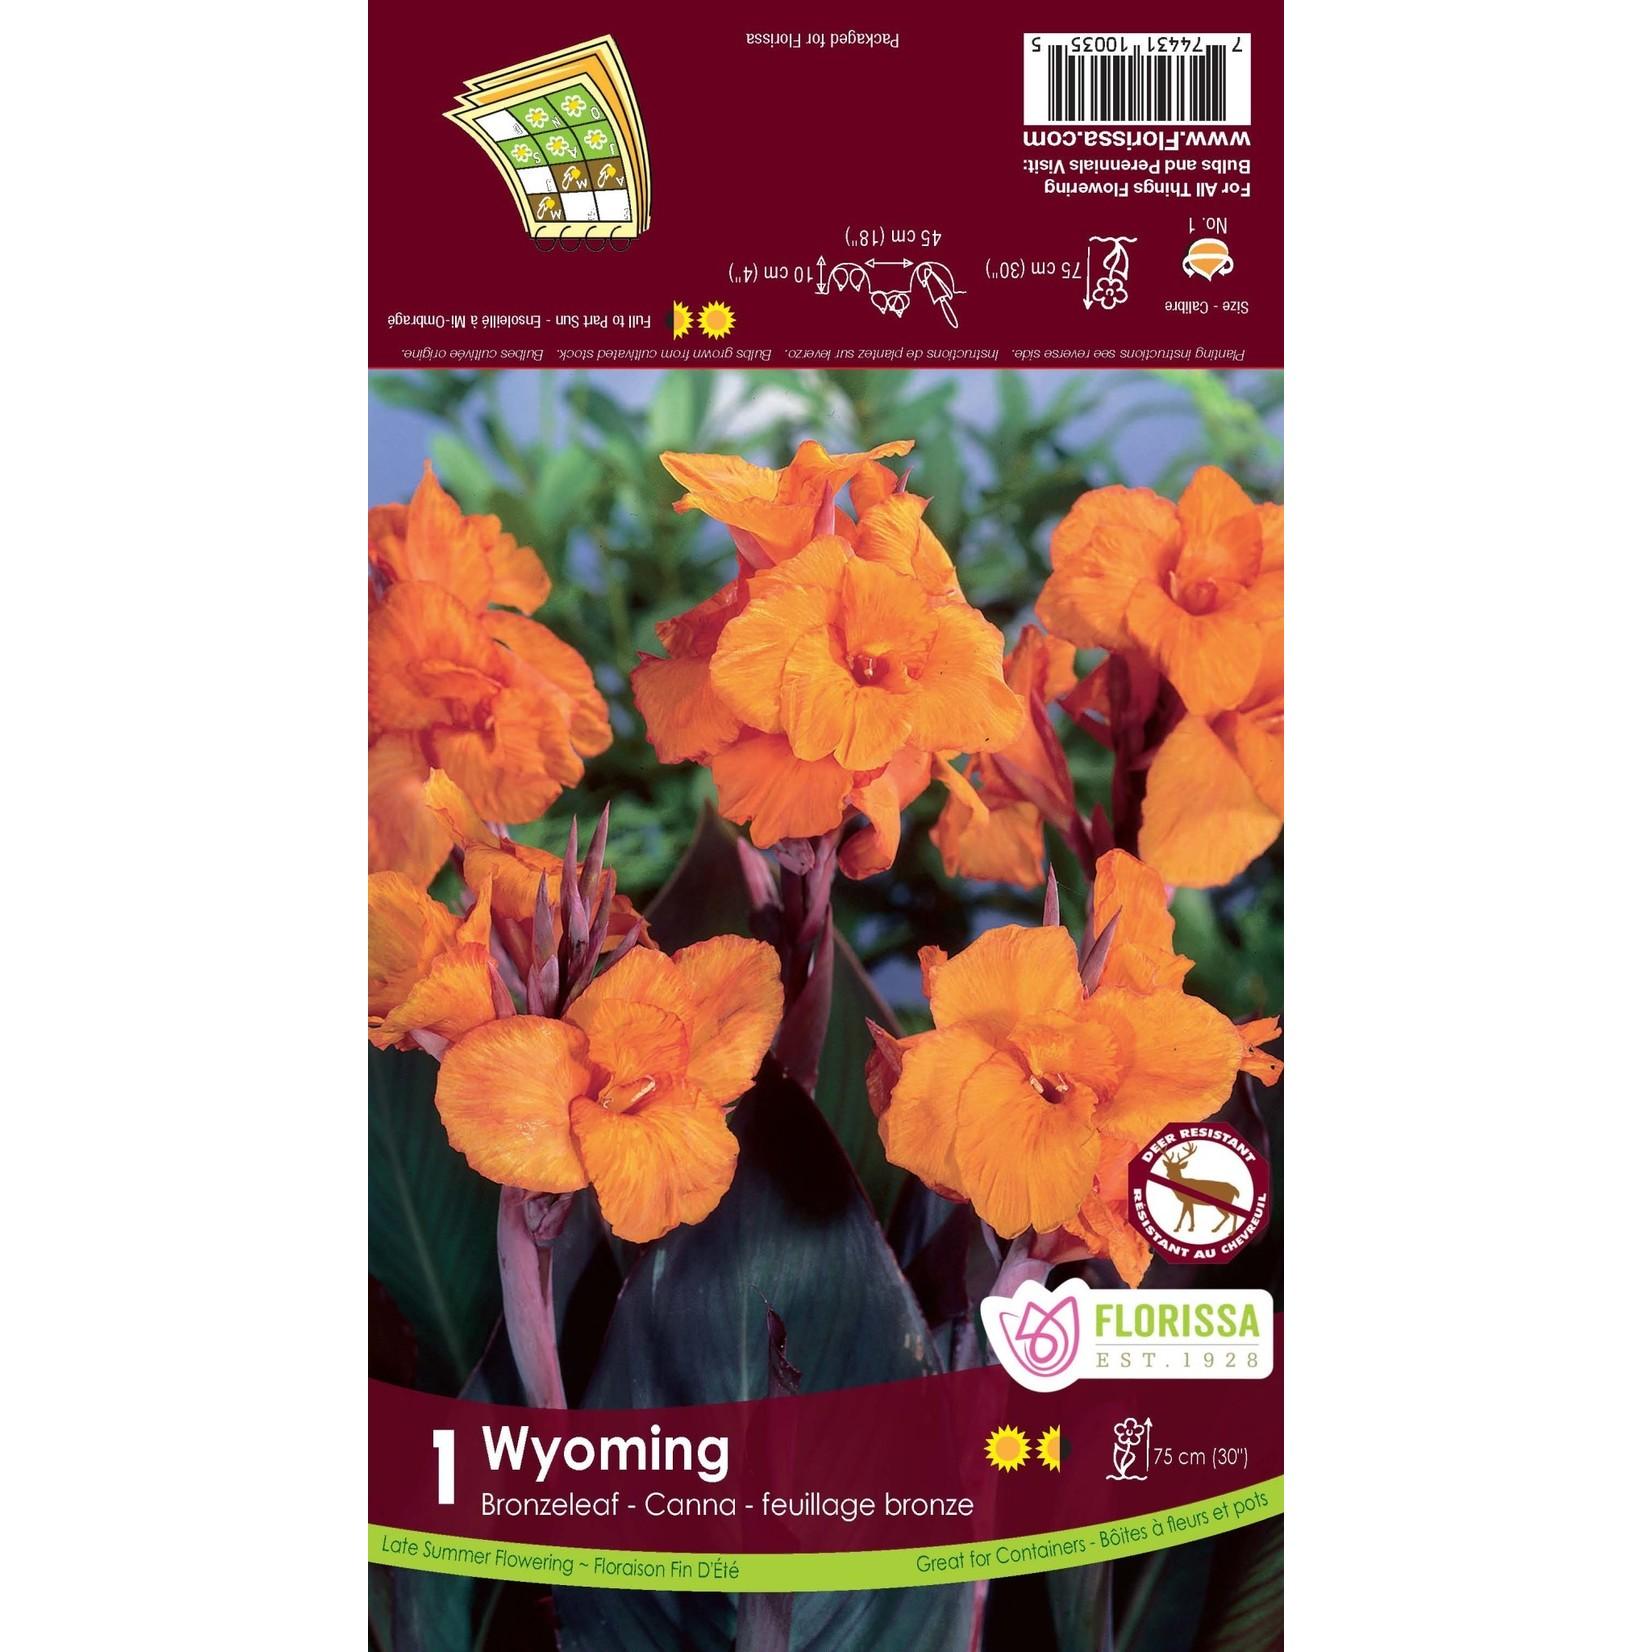 Canna Lilies (bulb pkg) - Bronzeleaf Wyoming (1 bulb)